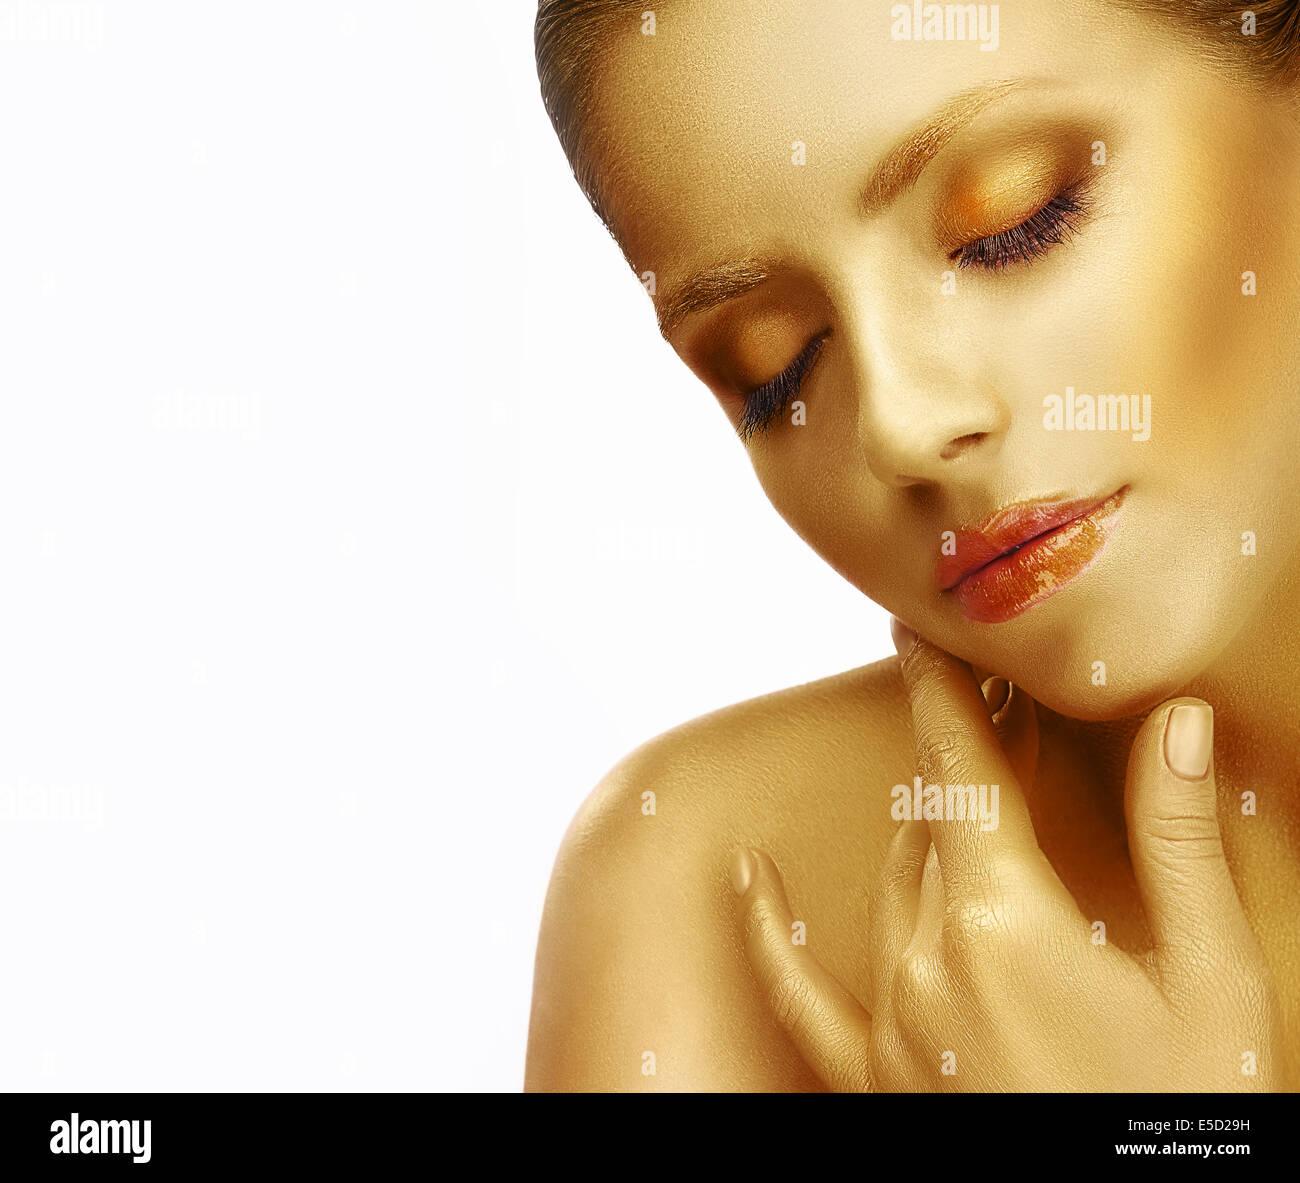 Des rêves. Portrait de jeune femme avec la peau soyeuse Photo Stock